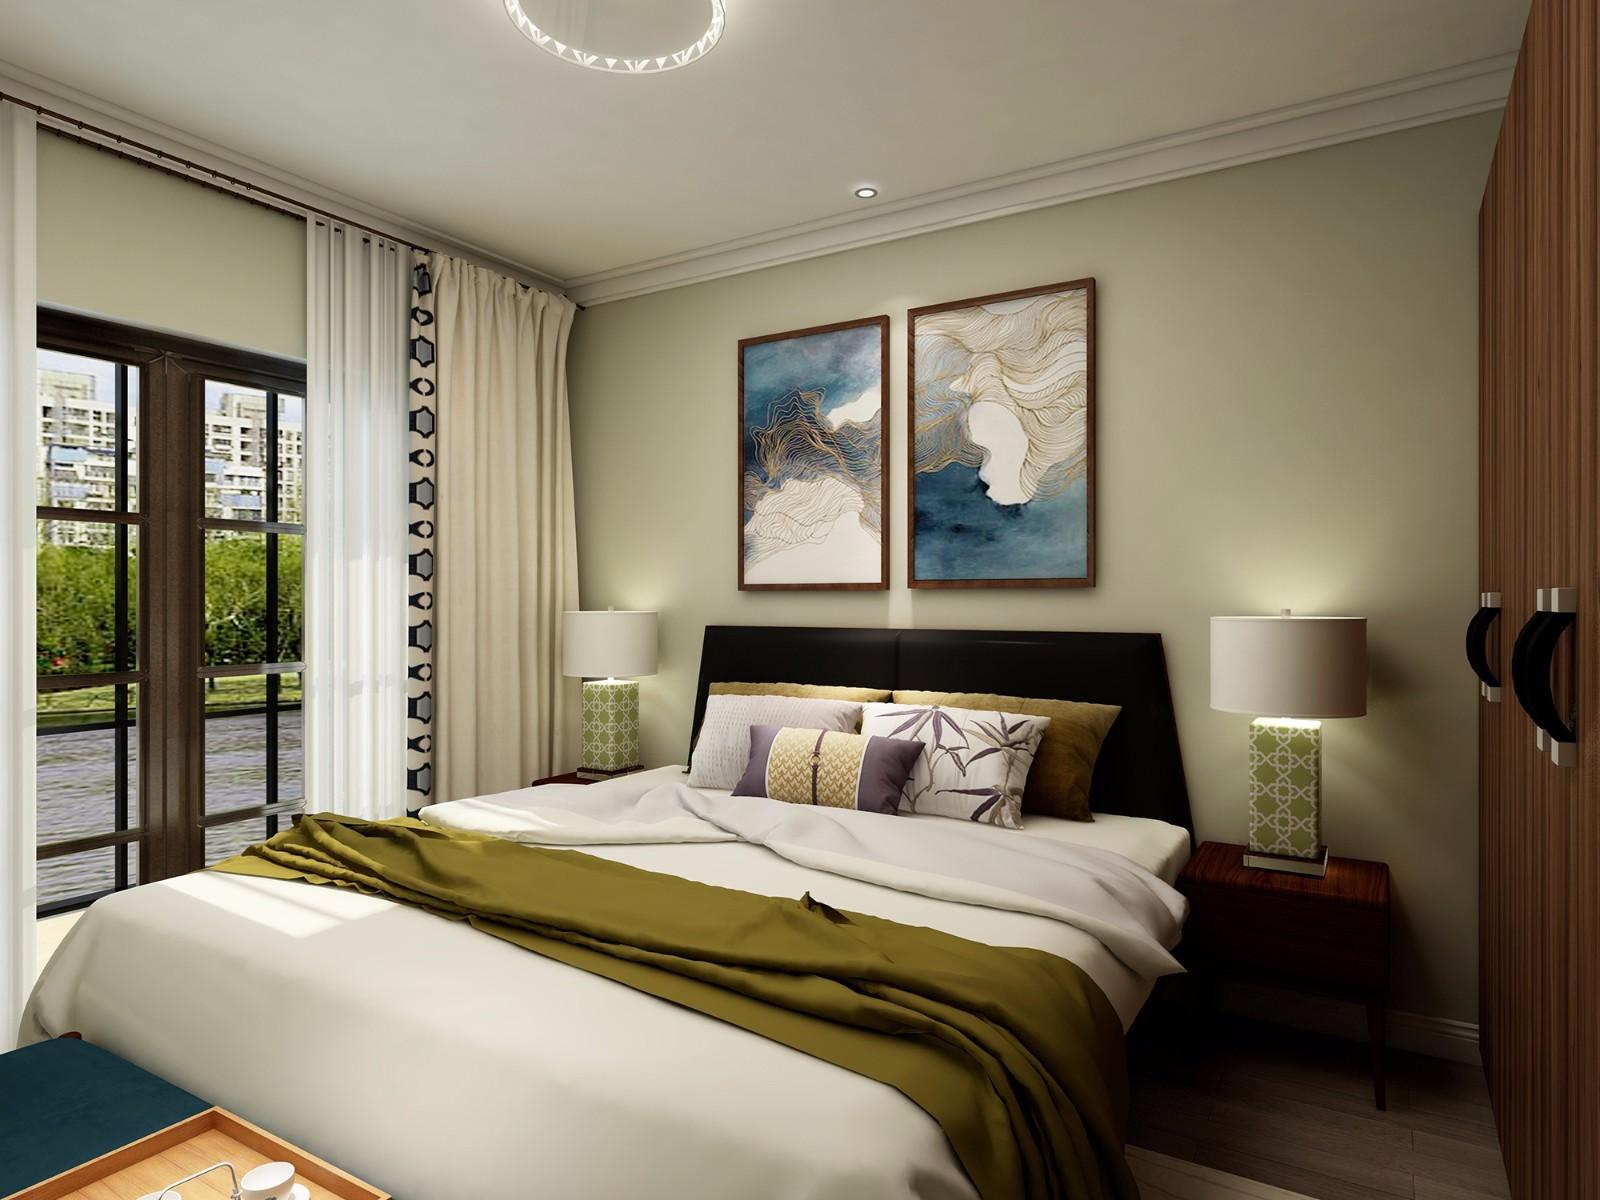 简约中式风格卧室装修效果图